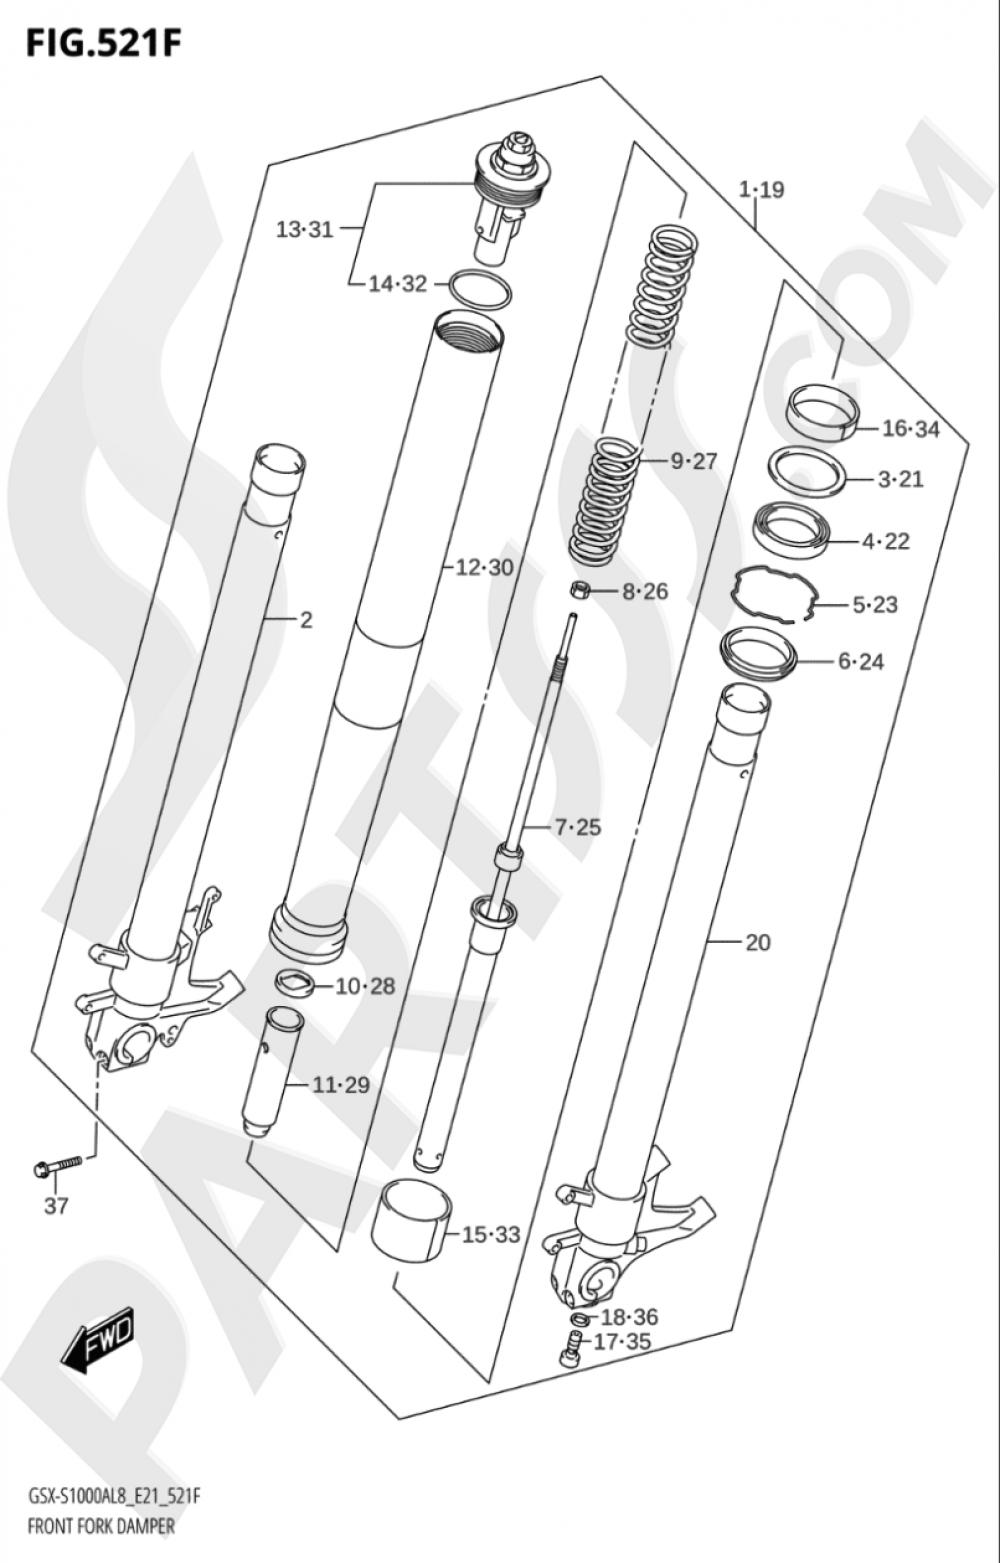 521F - FRONT FORK DAMPER (GSX-S1000YAUF:L8:E21) Suzuki GSX-S1000A 2018